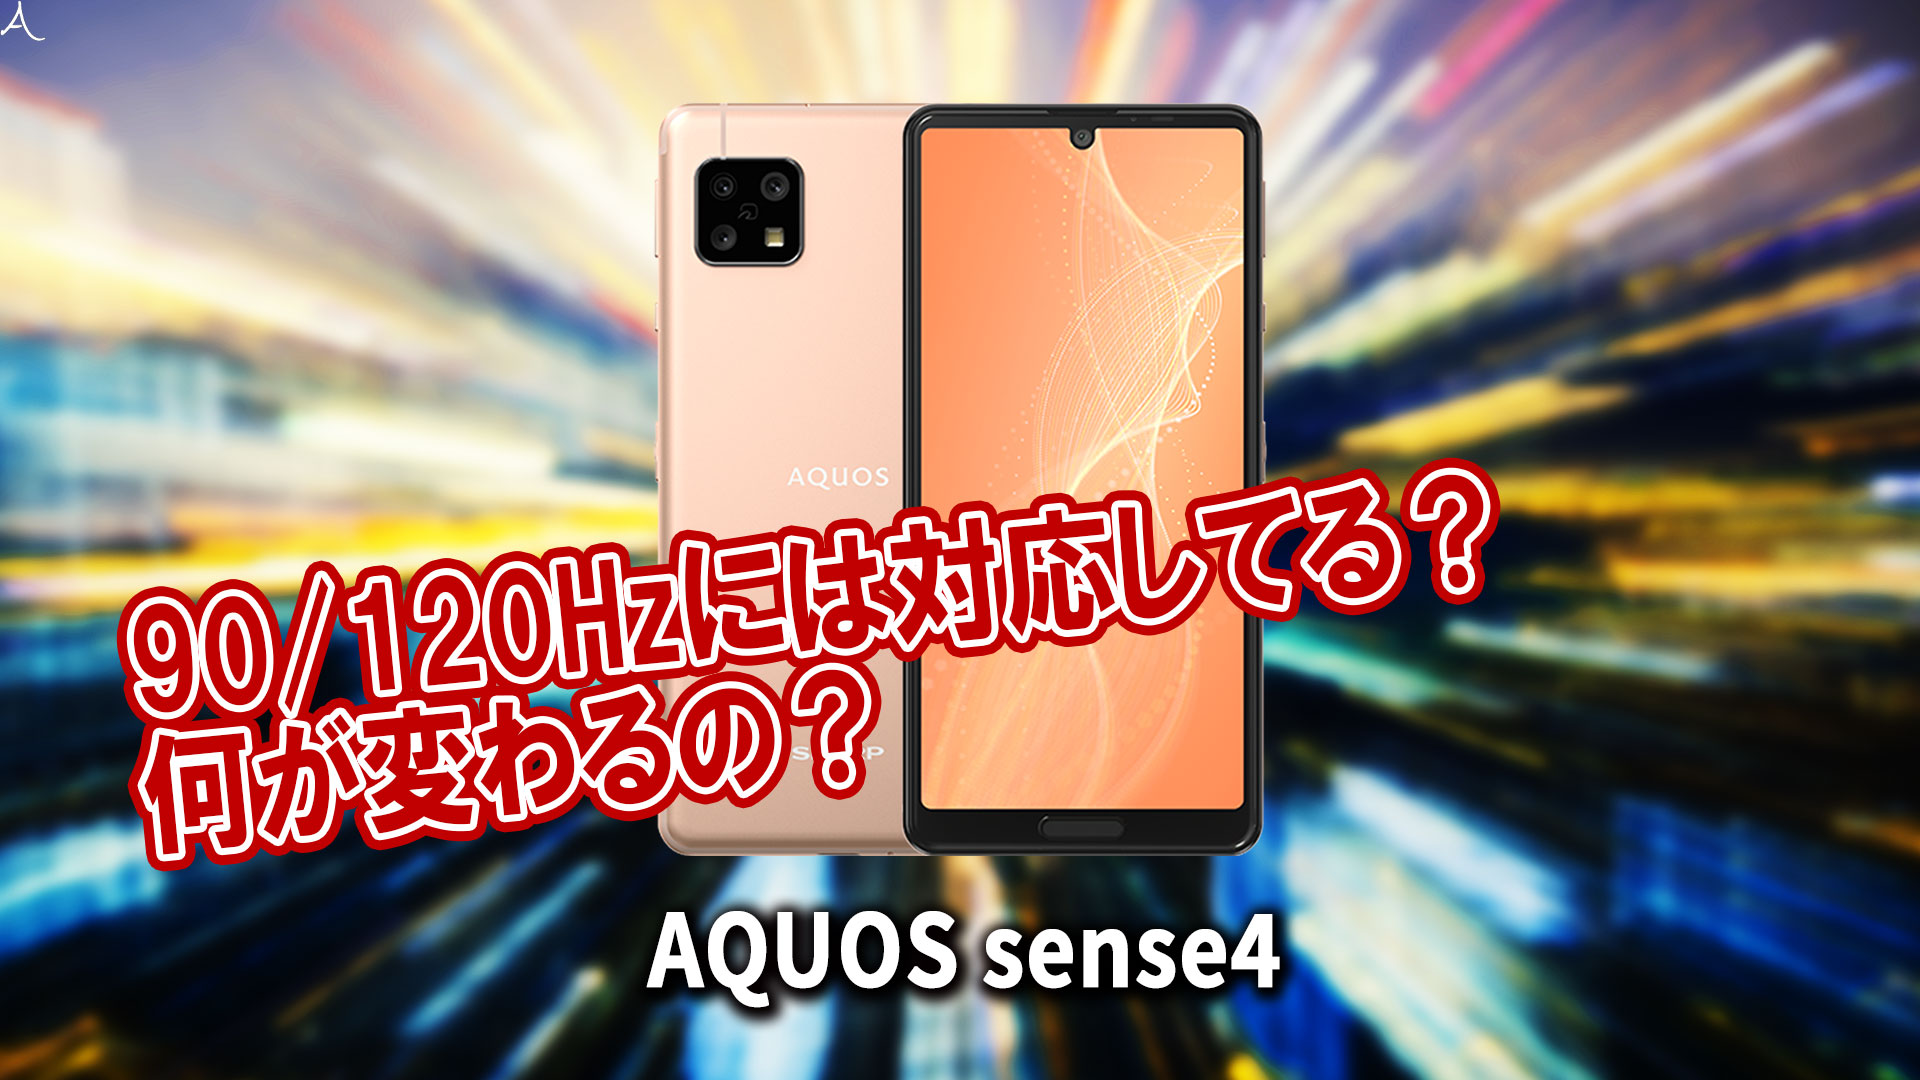 「AQUOS sense4」のリフレッシュレートはいくつ?120Hzには対応してる?